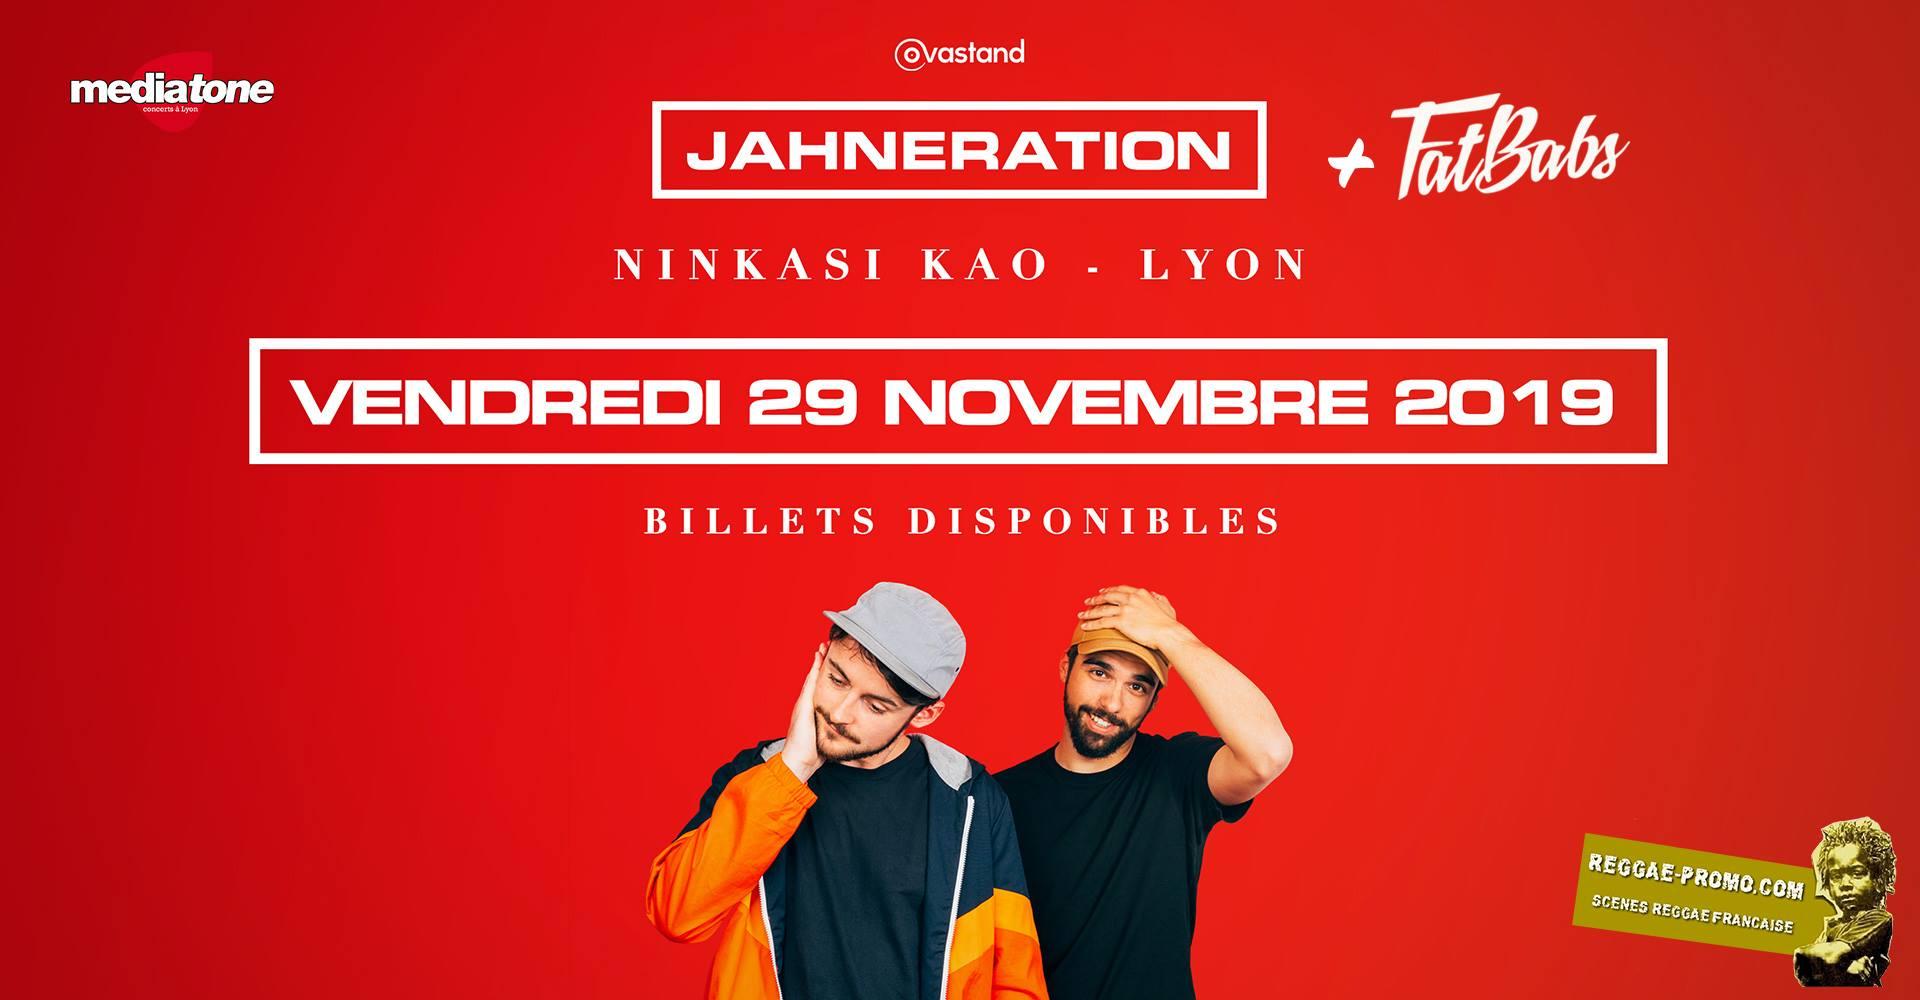 29/11 - Ninkasi Kao / Lyon